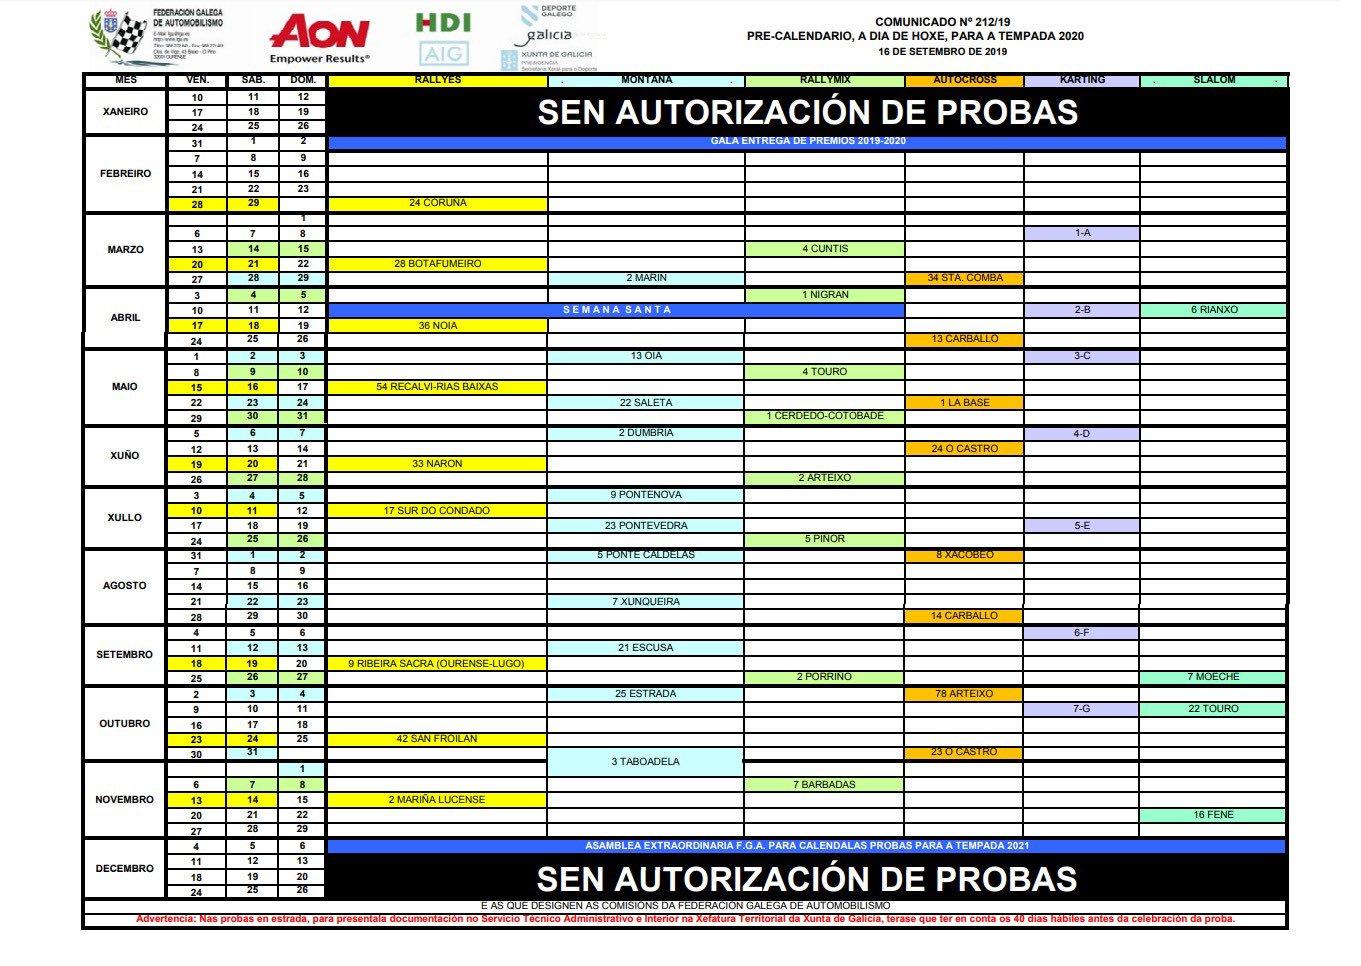 Campeonatos Regionales 2019: Información y novedades - Página 20 EElbBV7XsAYUH8A?format=jpg&name=large